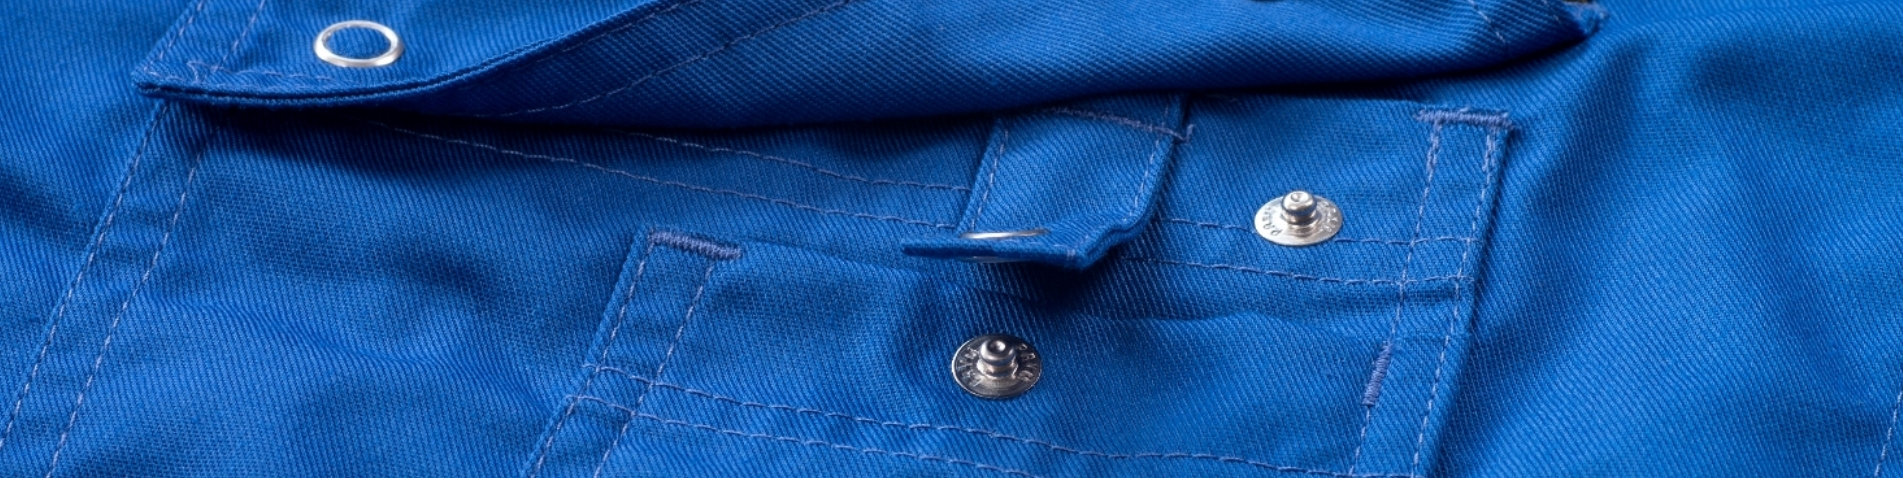 workwear4all-be -  Budget werkjasjes banner breed